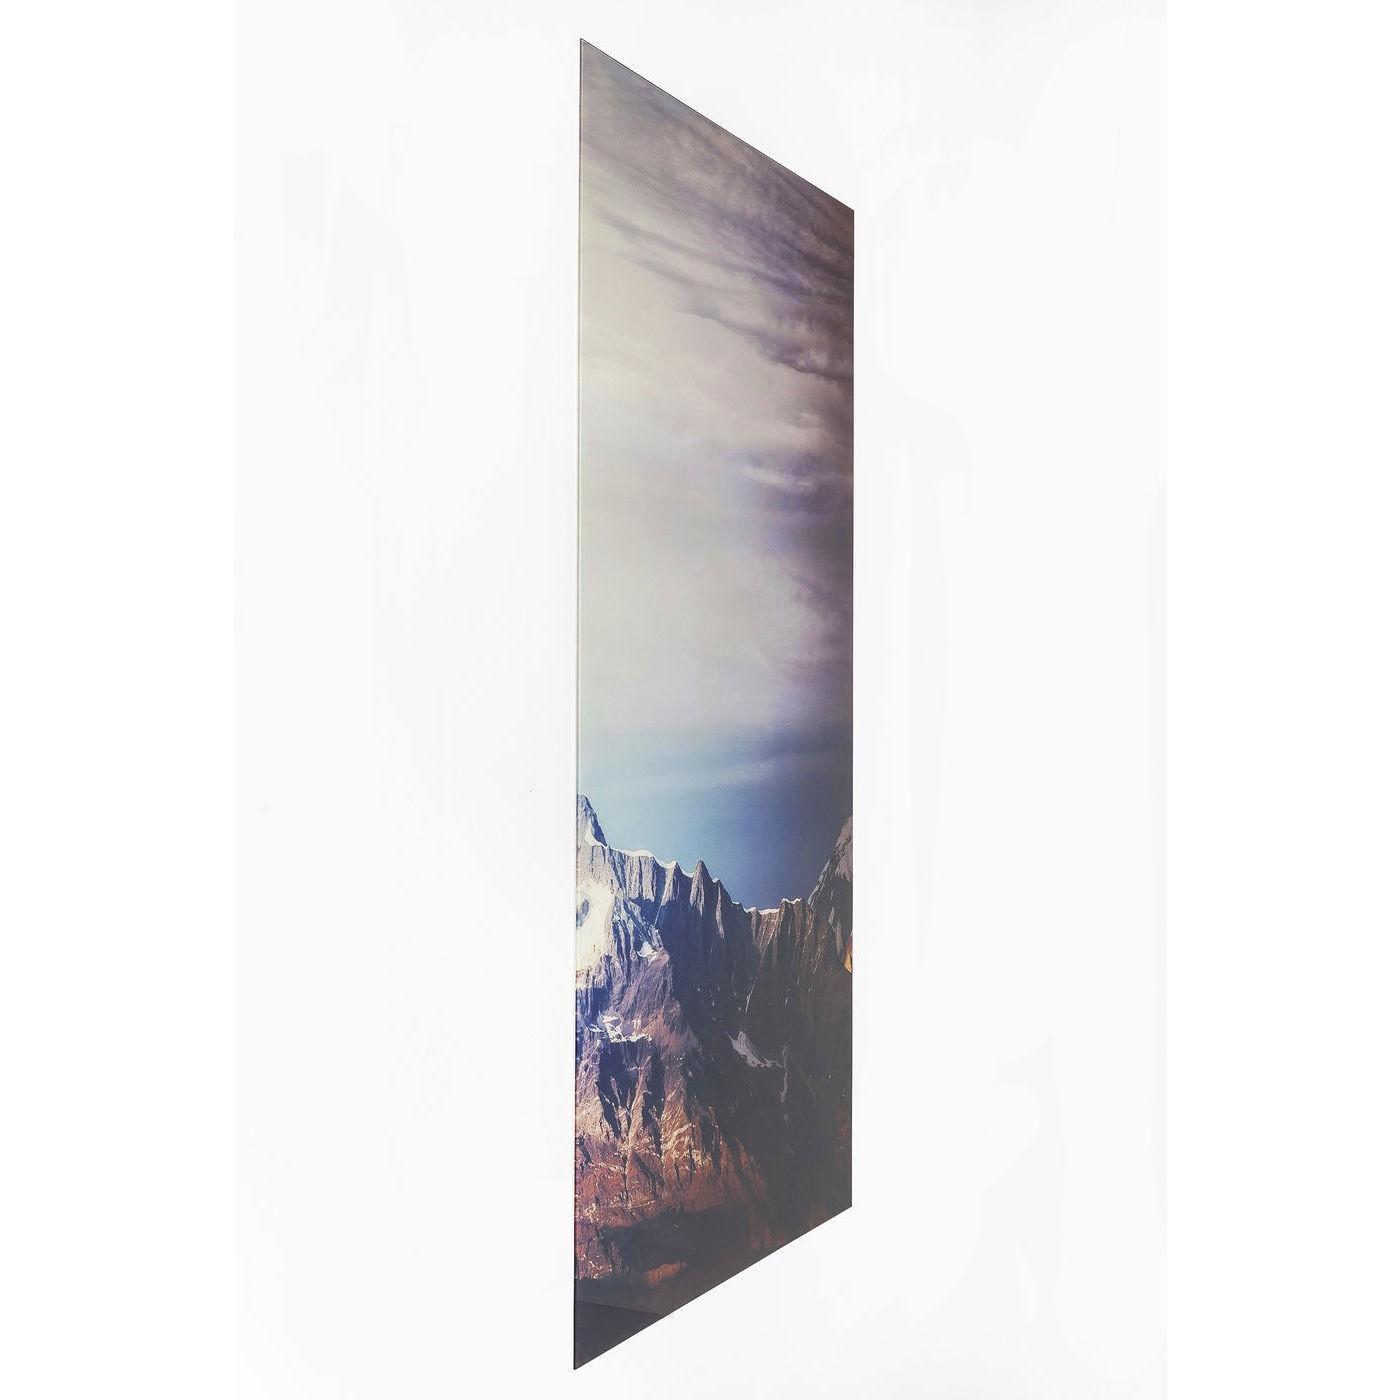 Tableaux en verre Triptychon Matterhorn 160x240cm set de 3 Kare Design